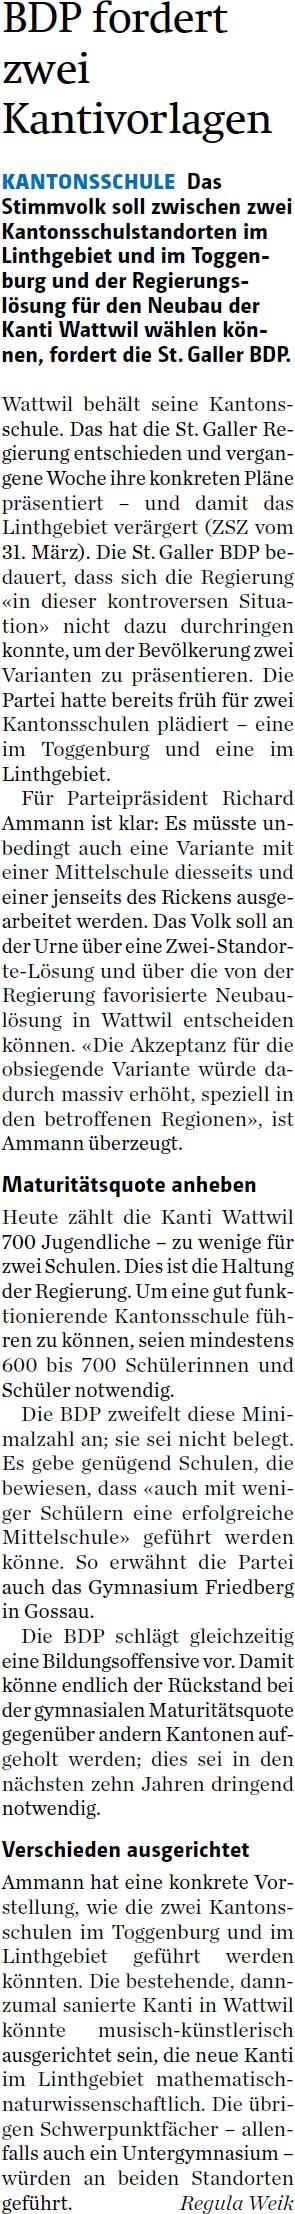 BDP fordert zwei Kantivorlagen (Mittwoch, 08.04.2015)